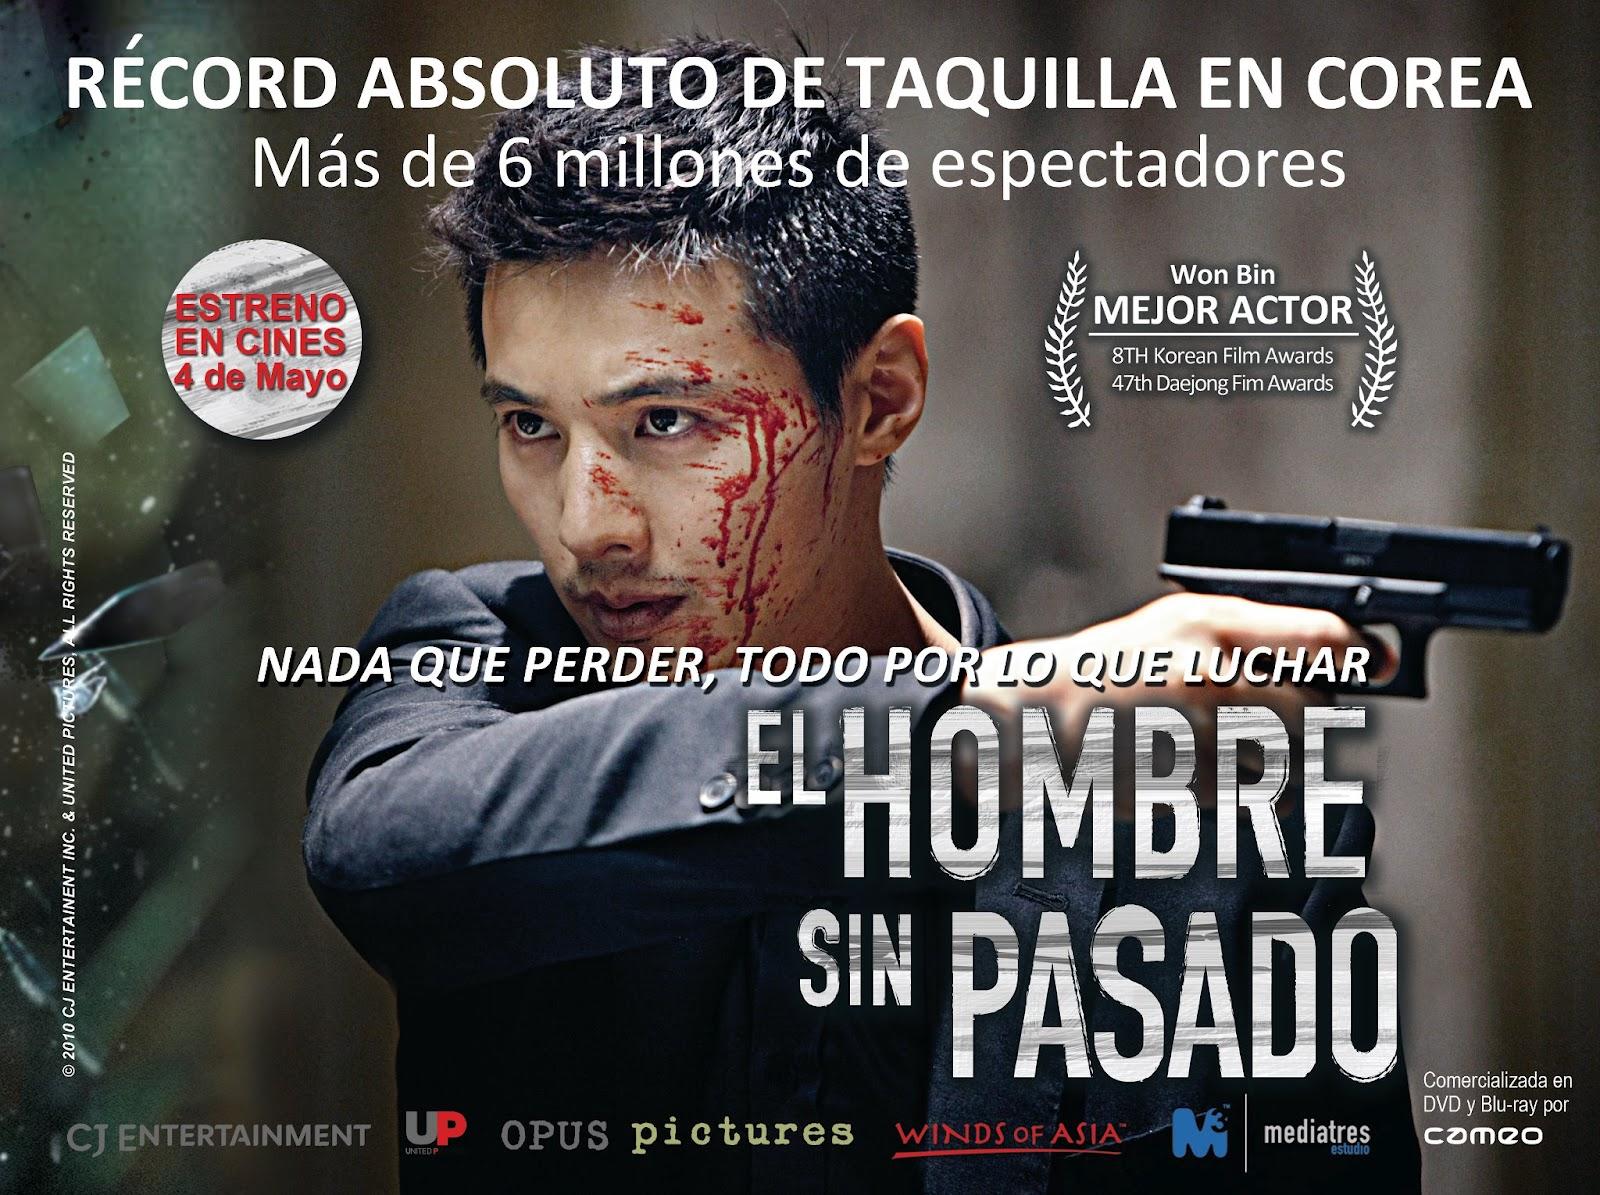 [Post Oficial] Películas que vamos viendo - Página 2 El-hombre-sin-pasado-poster